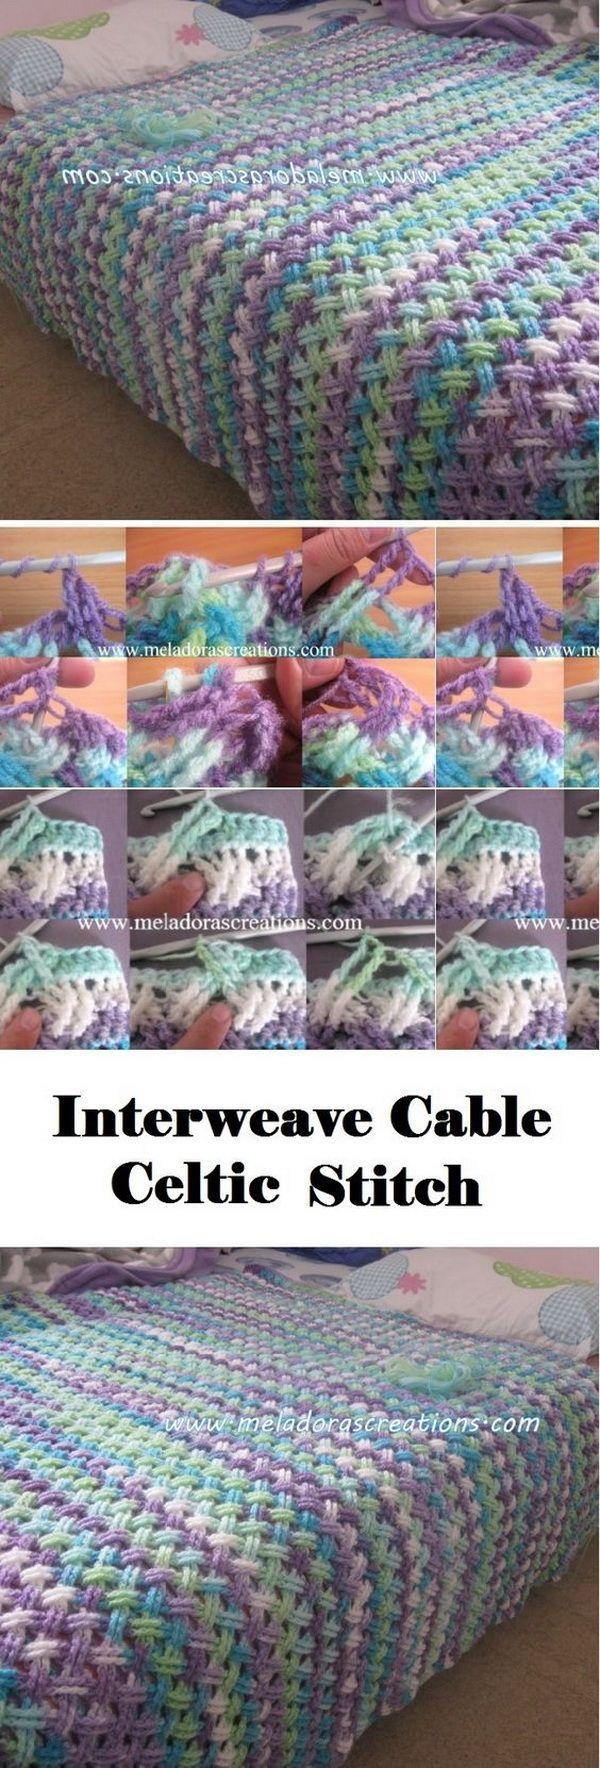 1337 best Crocheted images on Pinterest | Crochet blankets, Crochet ...